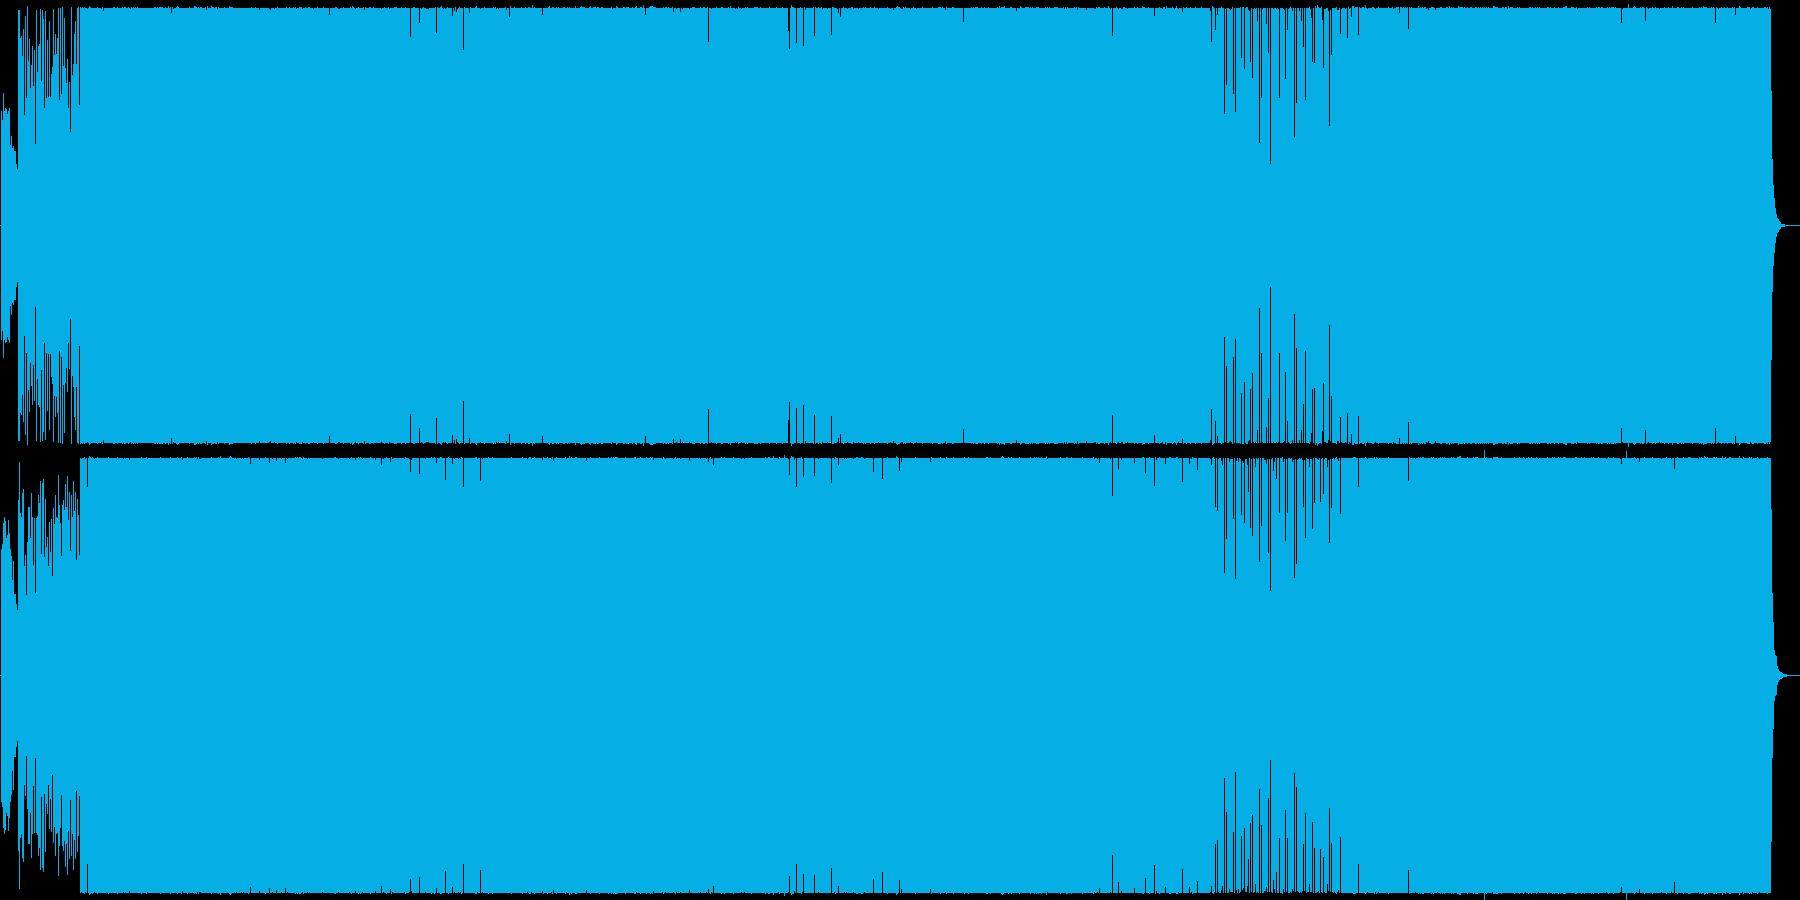 中国風なイメージのキャッチーなラップ曲の再生済みの波形